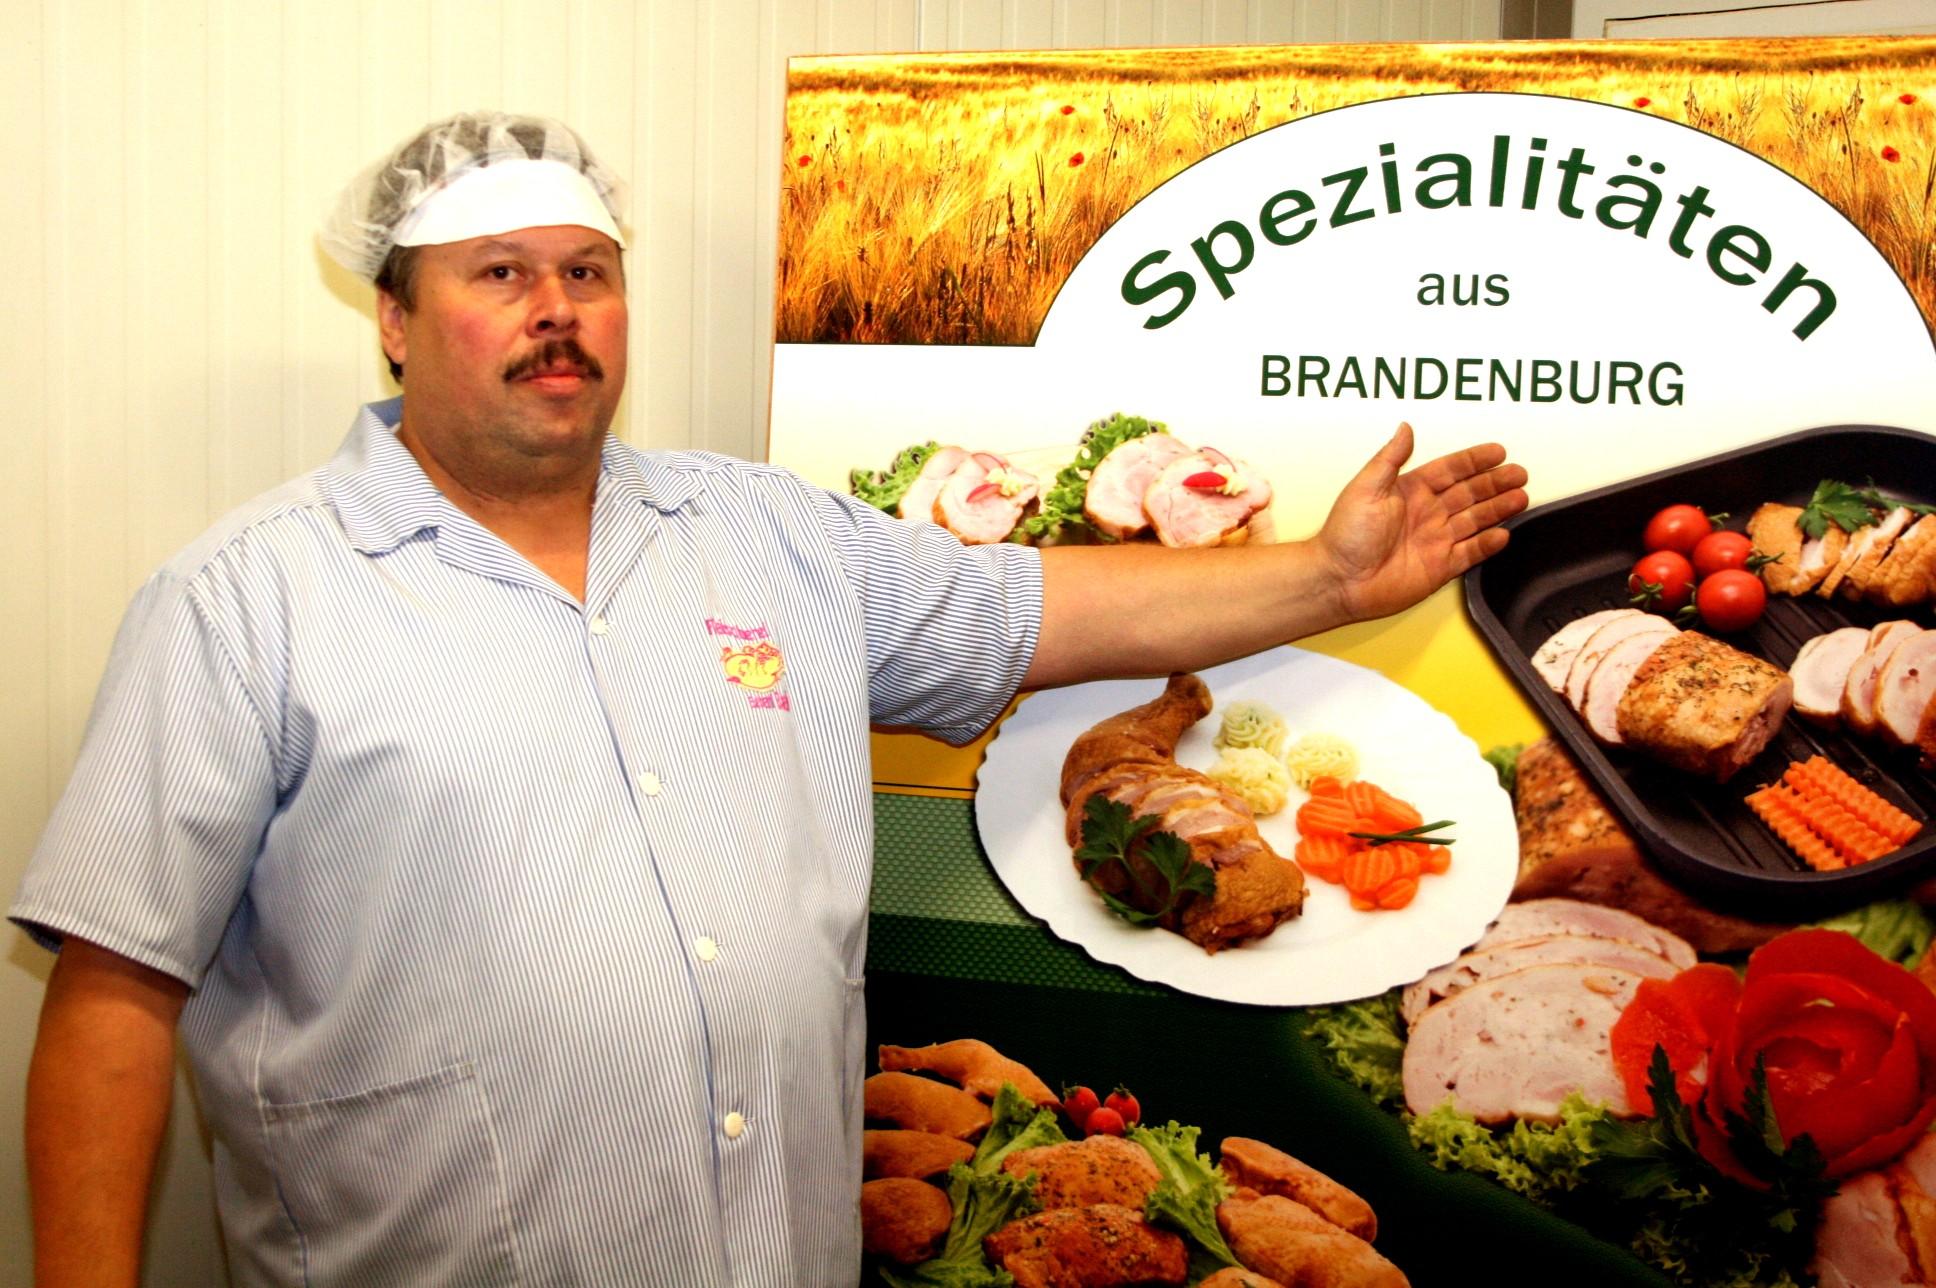 Präsentation der Spezialitäten aus Brandenburg